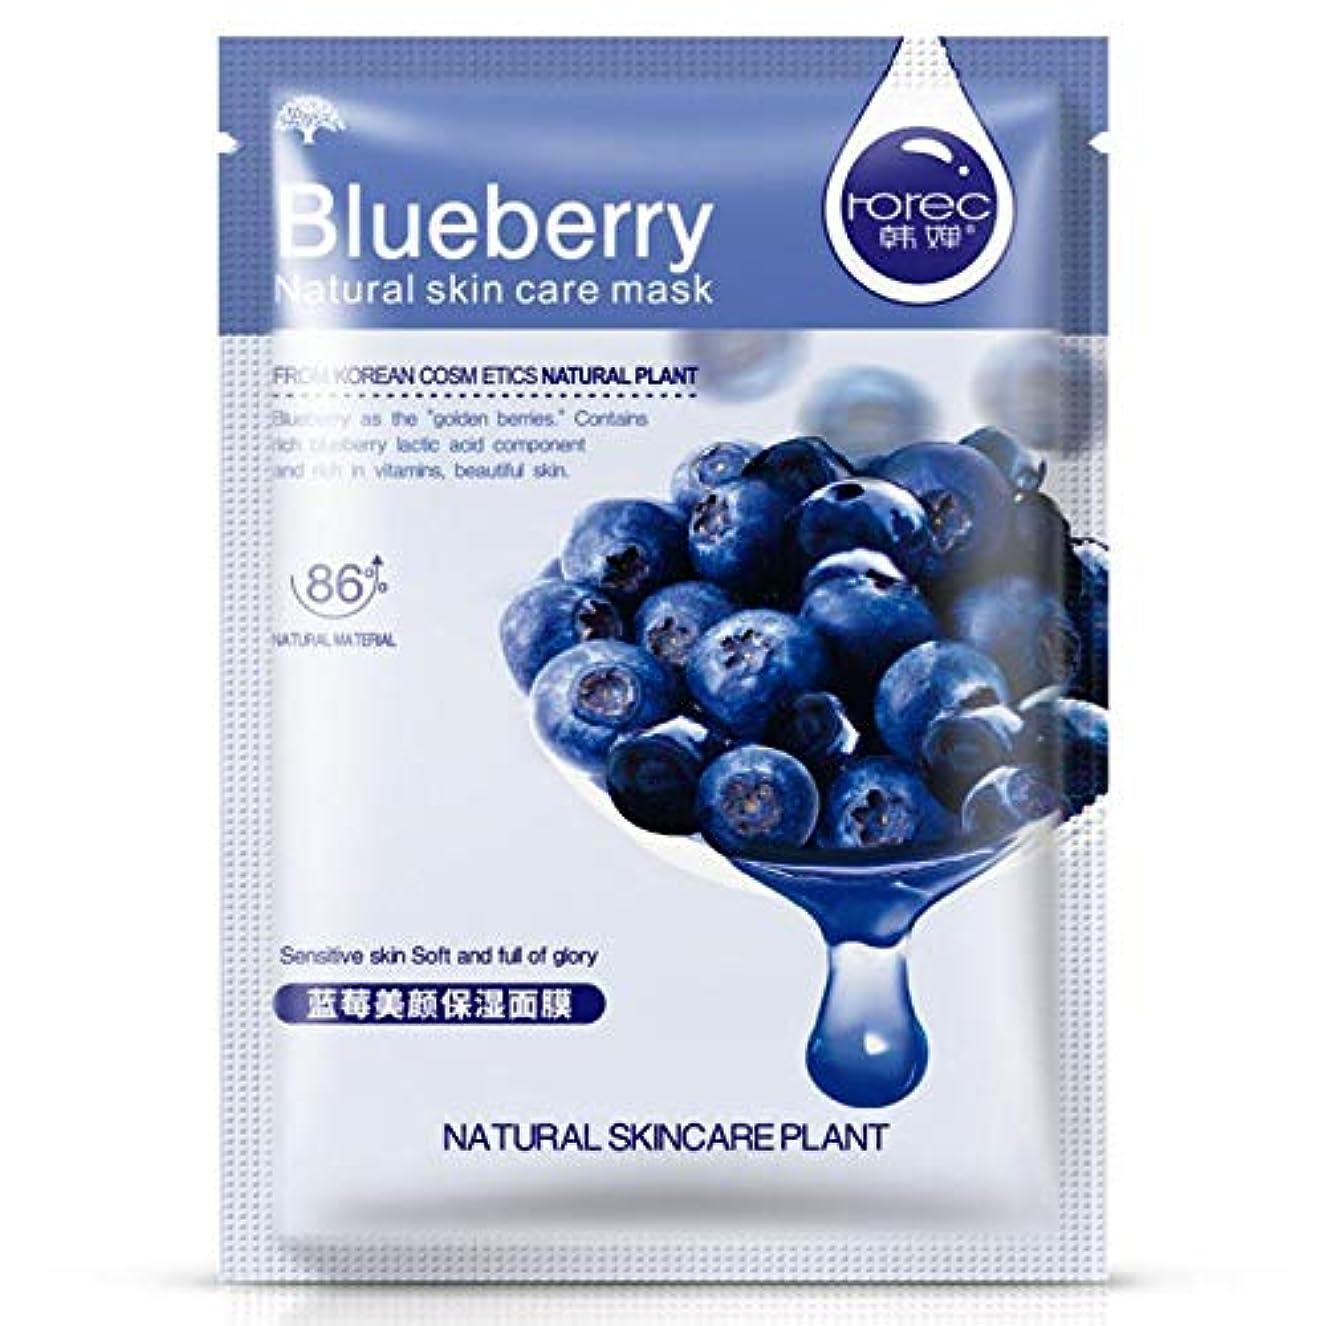 既に不一致思い出させる(Blueberry) Skin Care Plant Facial Mask Moisturizing Oil Control Blackhead Remover Wrapped Mask Face Mask Face...